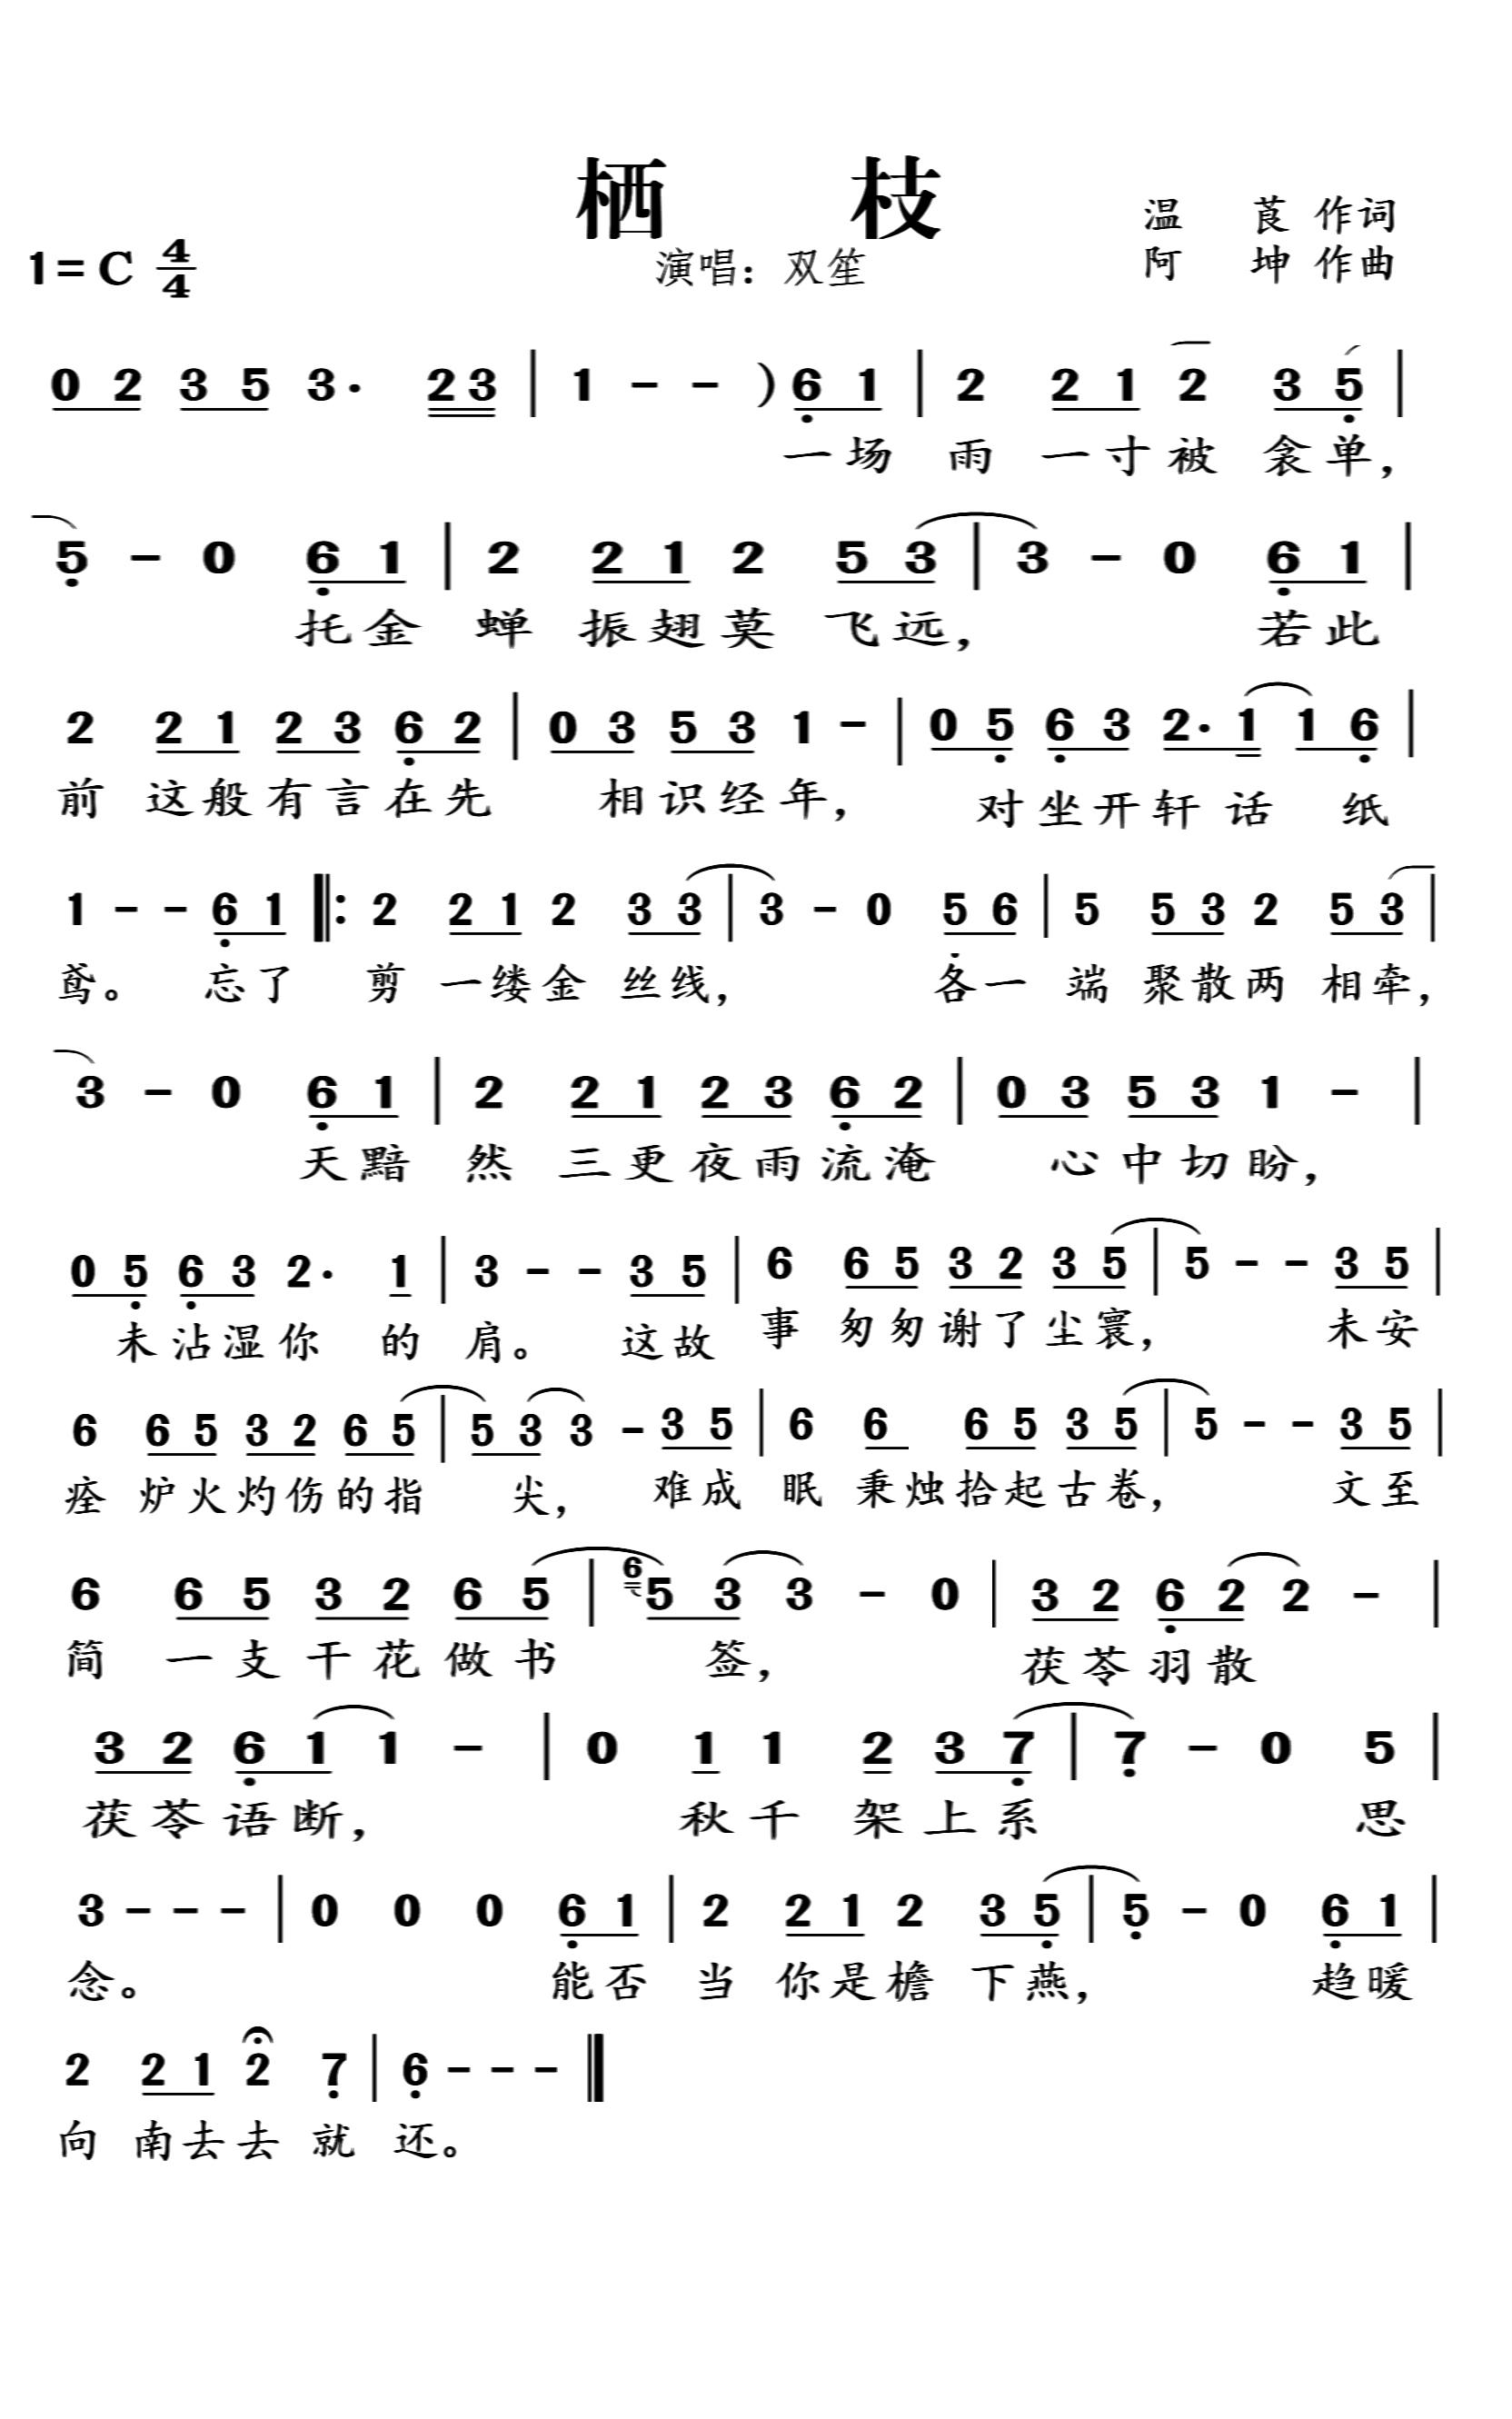 翻唱 栖枝--葫芦丝简谱(编曲 混缩) tiger1950  演唱:温莨/阿坤/双笙